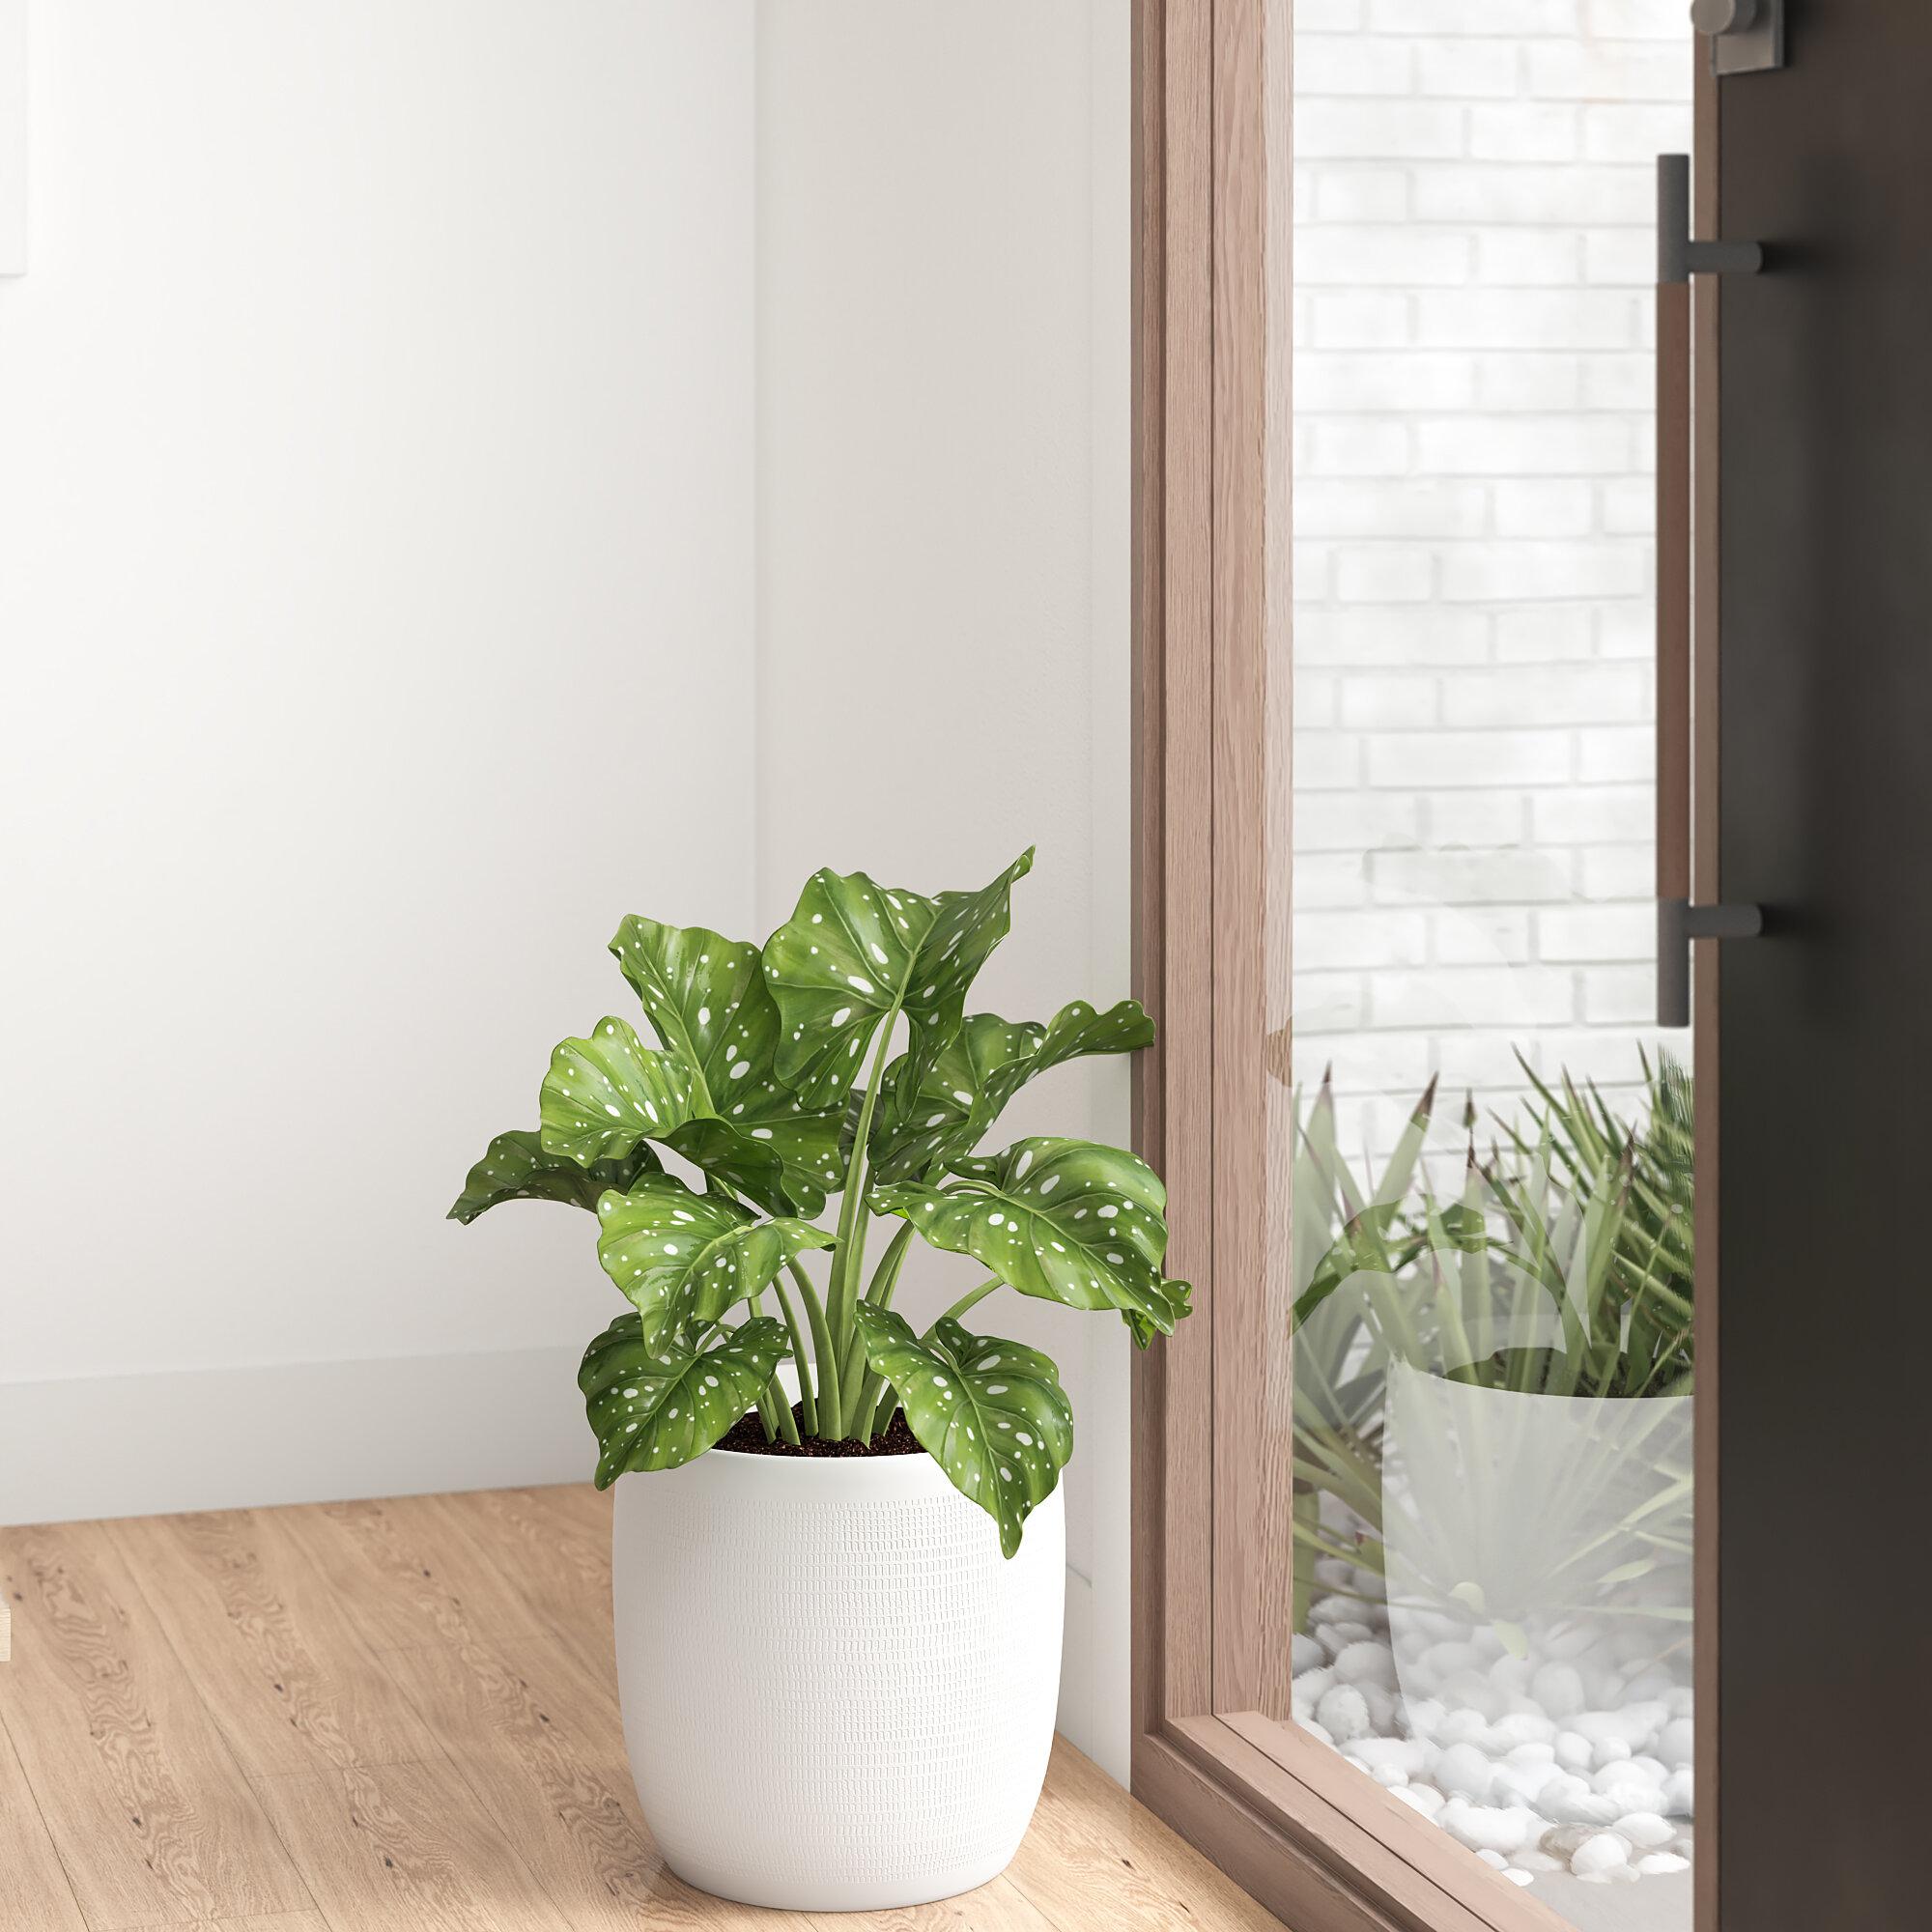 Dunnes Large Embossed Ceramic Pot Planter Reviews Allmodern